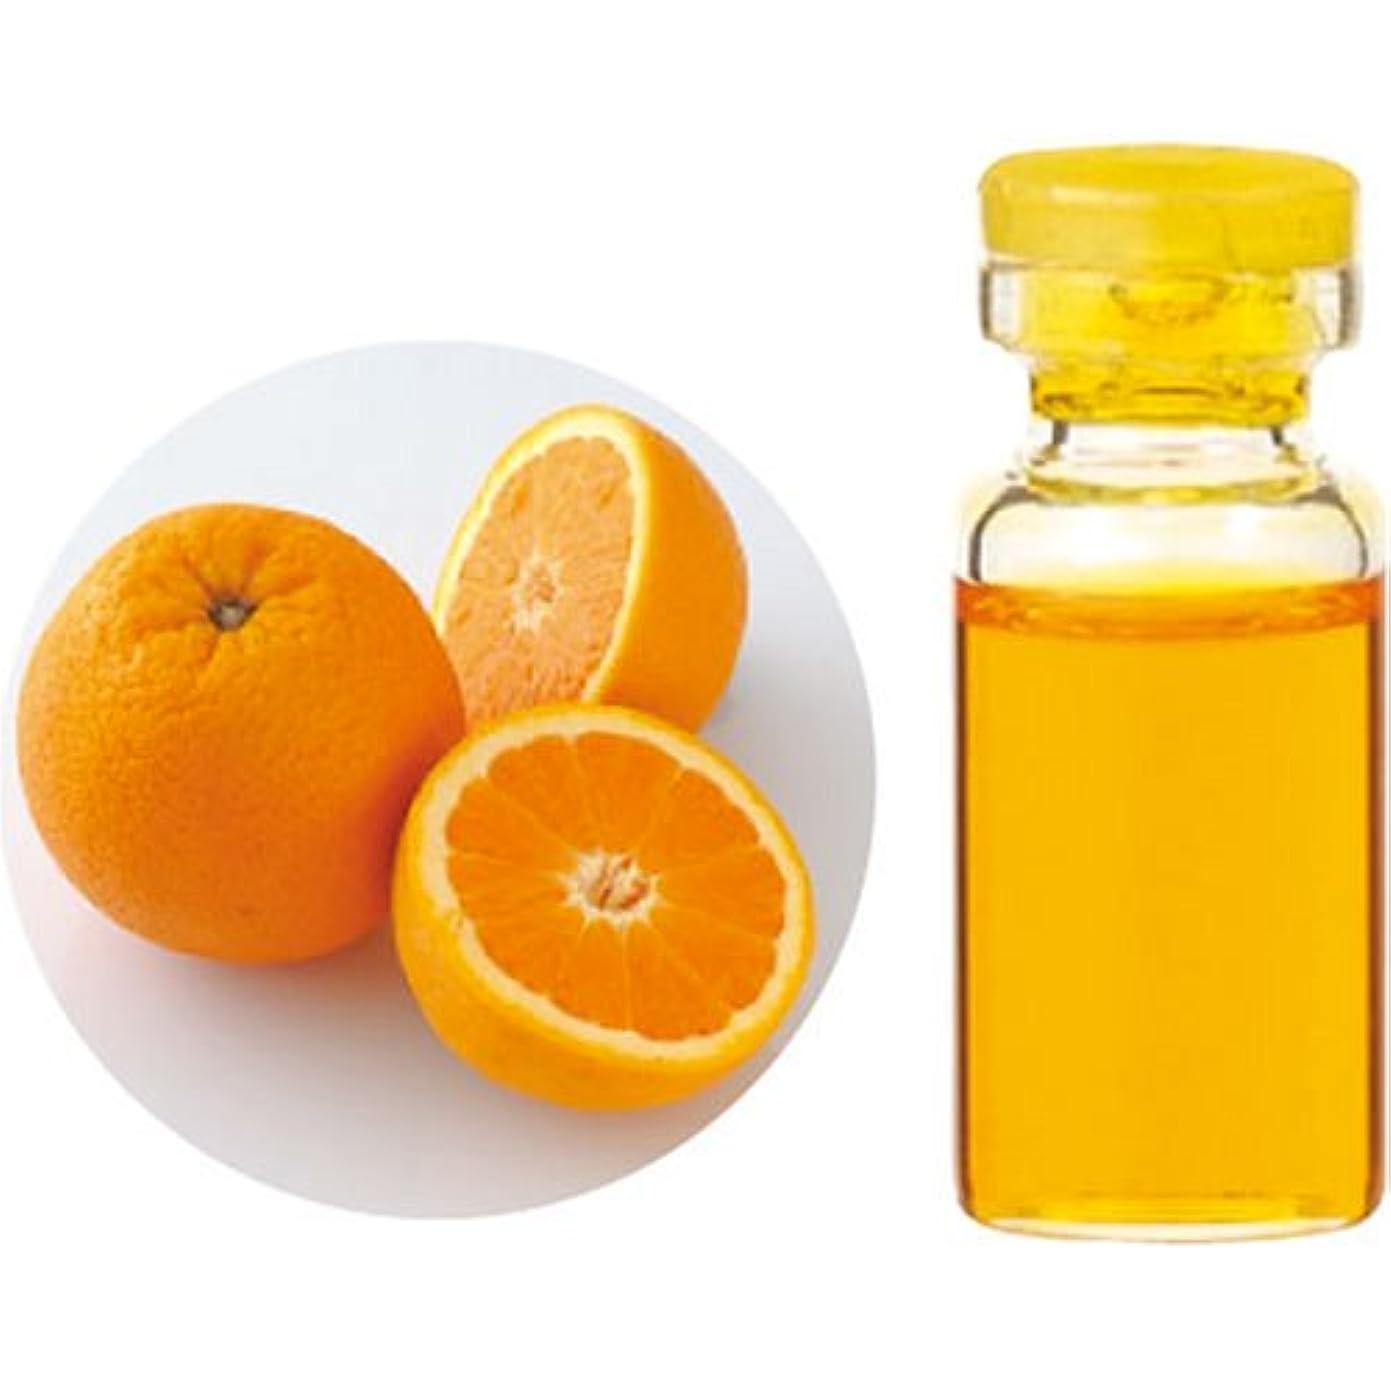 ましい取り替えるヒップHerbalLife スィートオレンジ 10ml